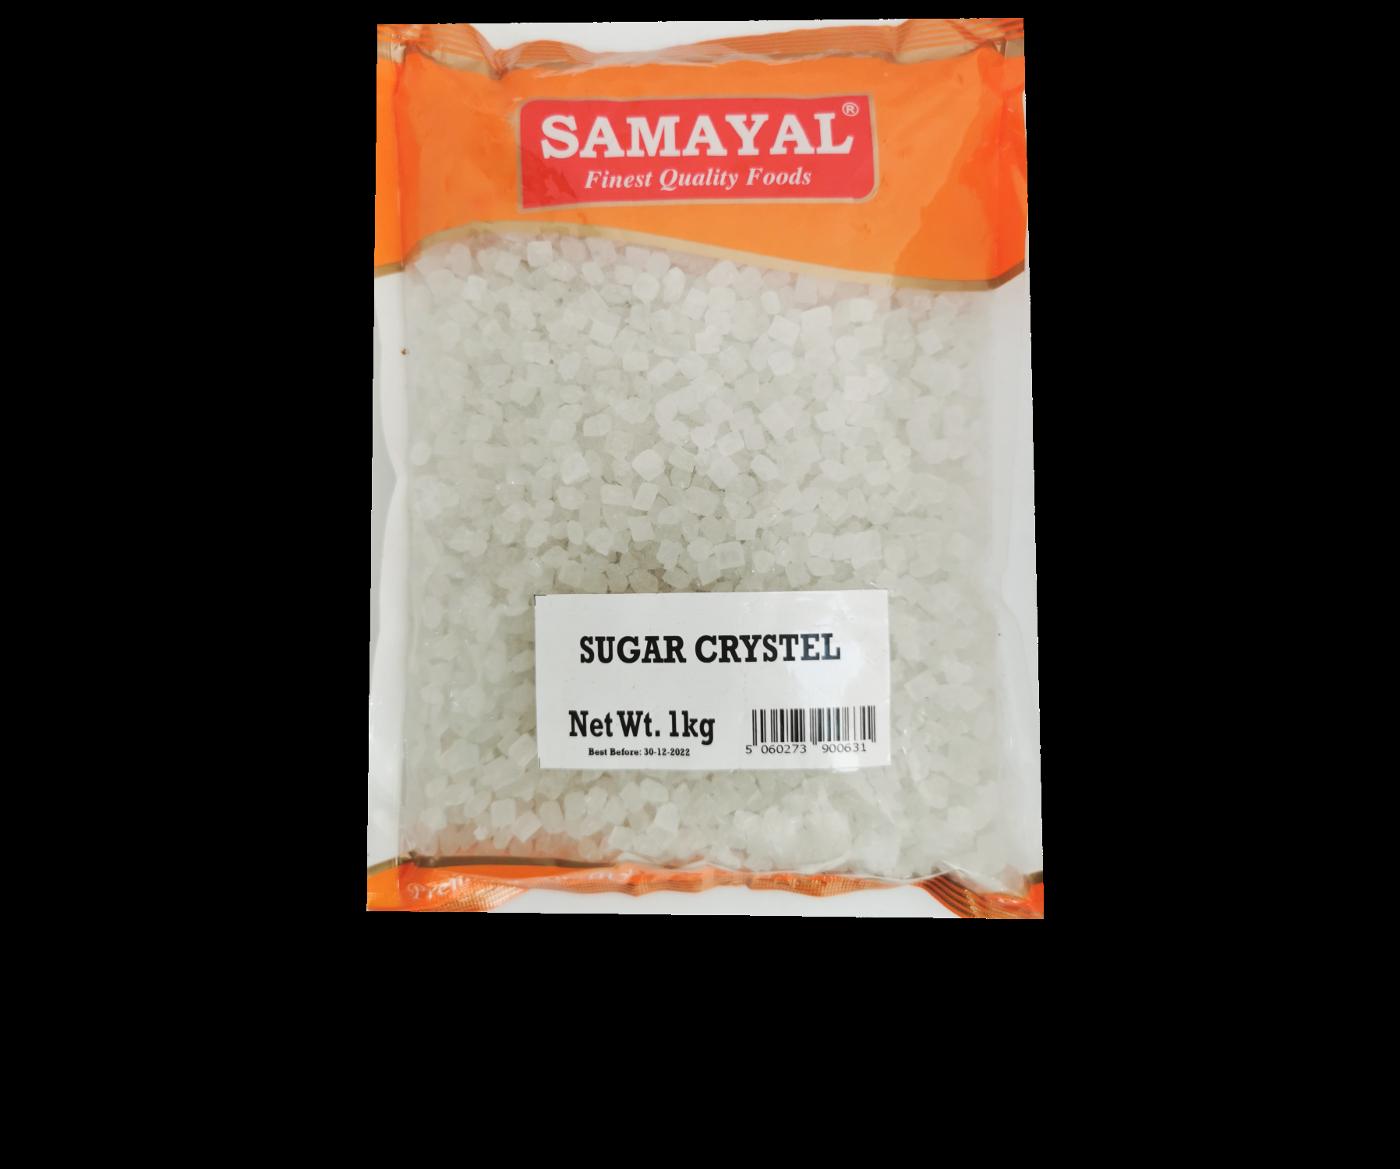 Samayal Sugar Crystel